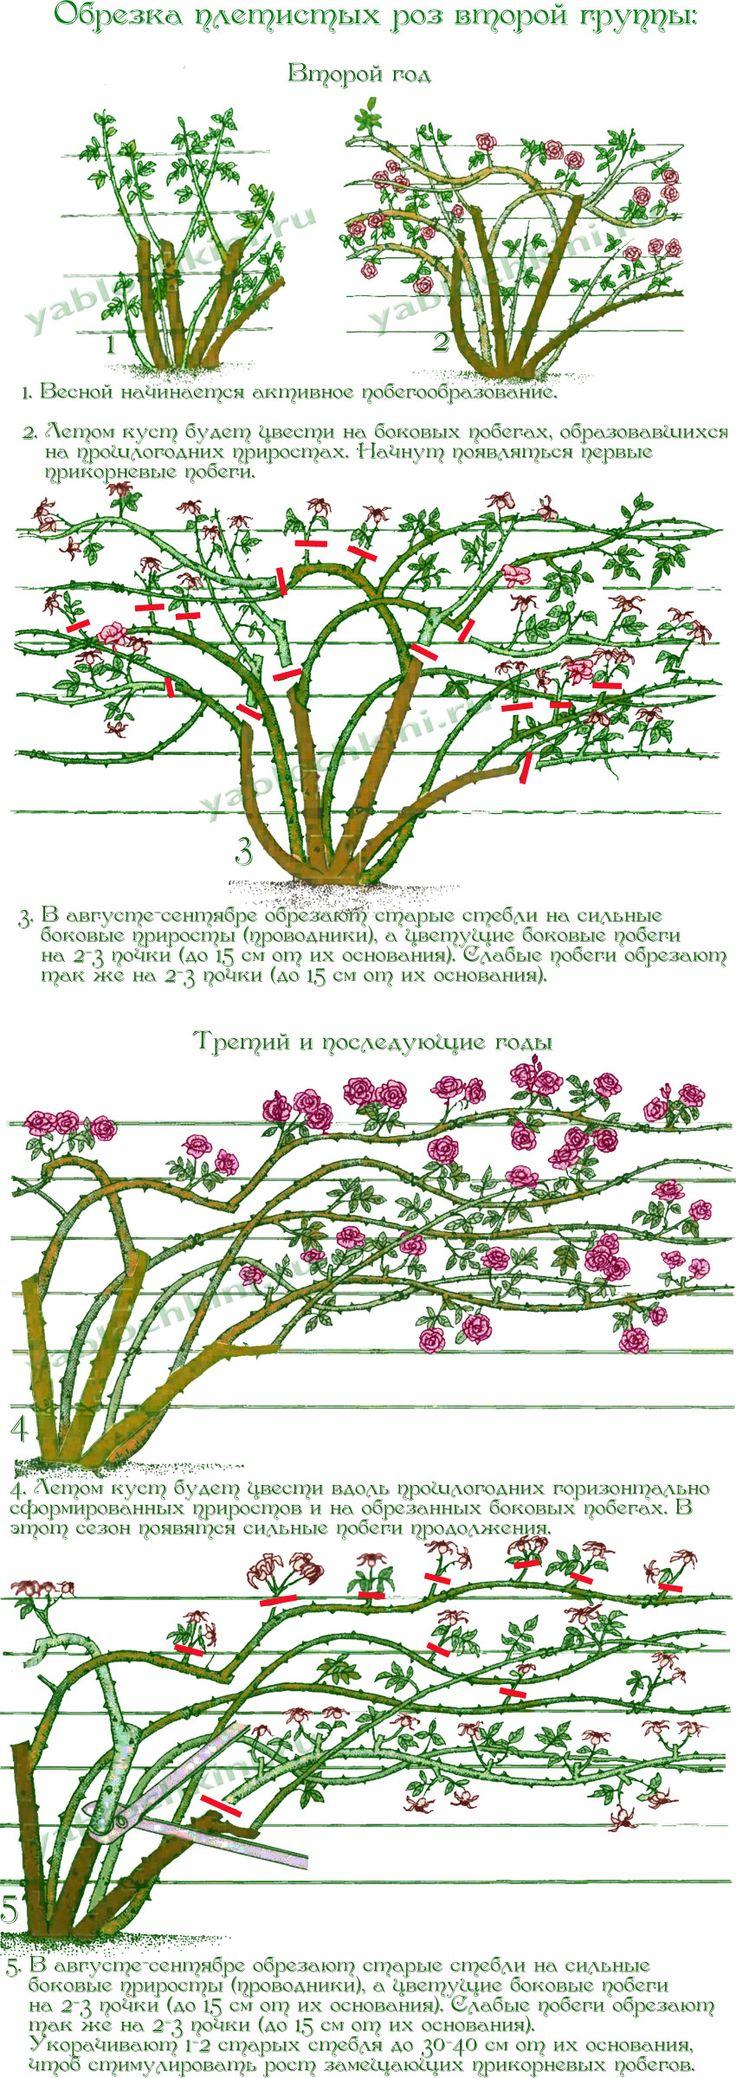 обрезка-плетистых-роз-второй-группы